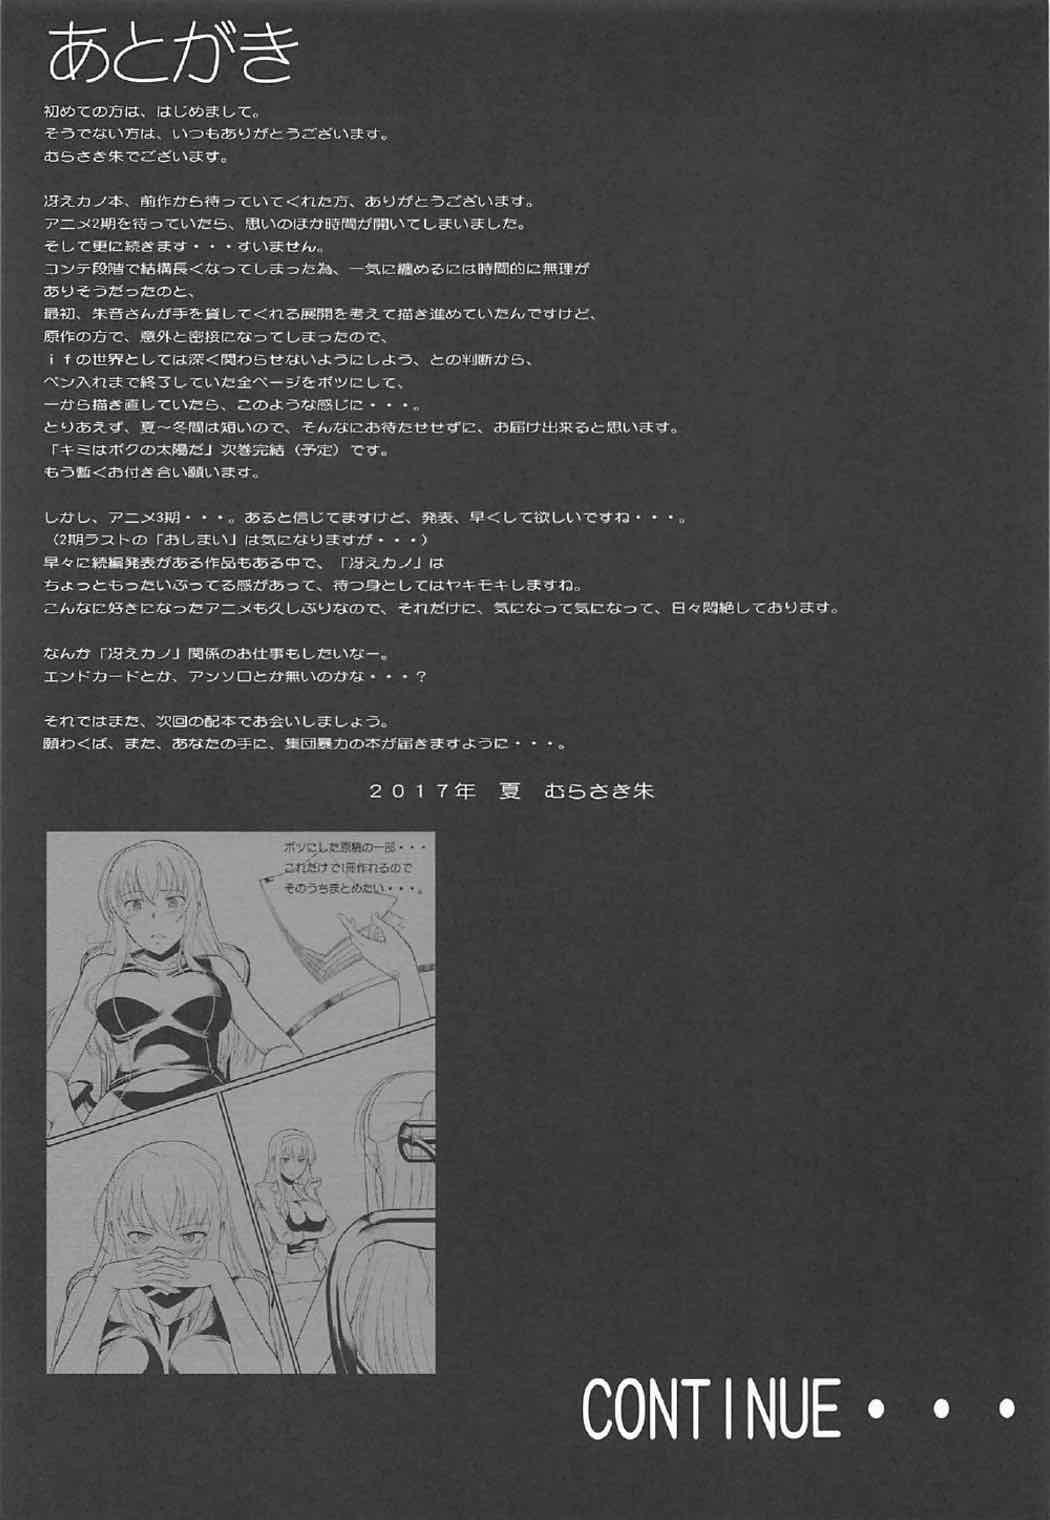 Kimi wa Boku no Taiyou da 2 23